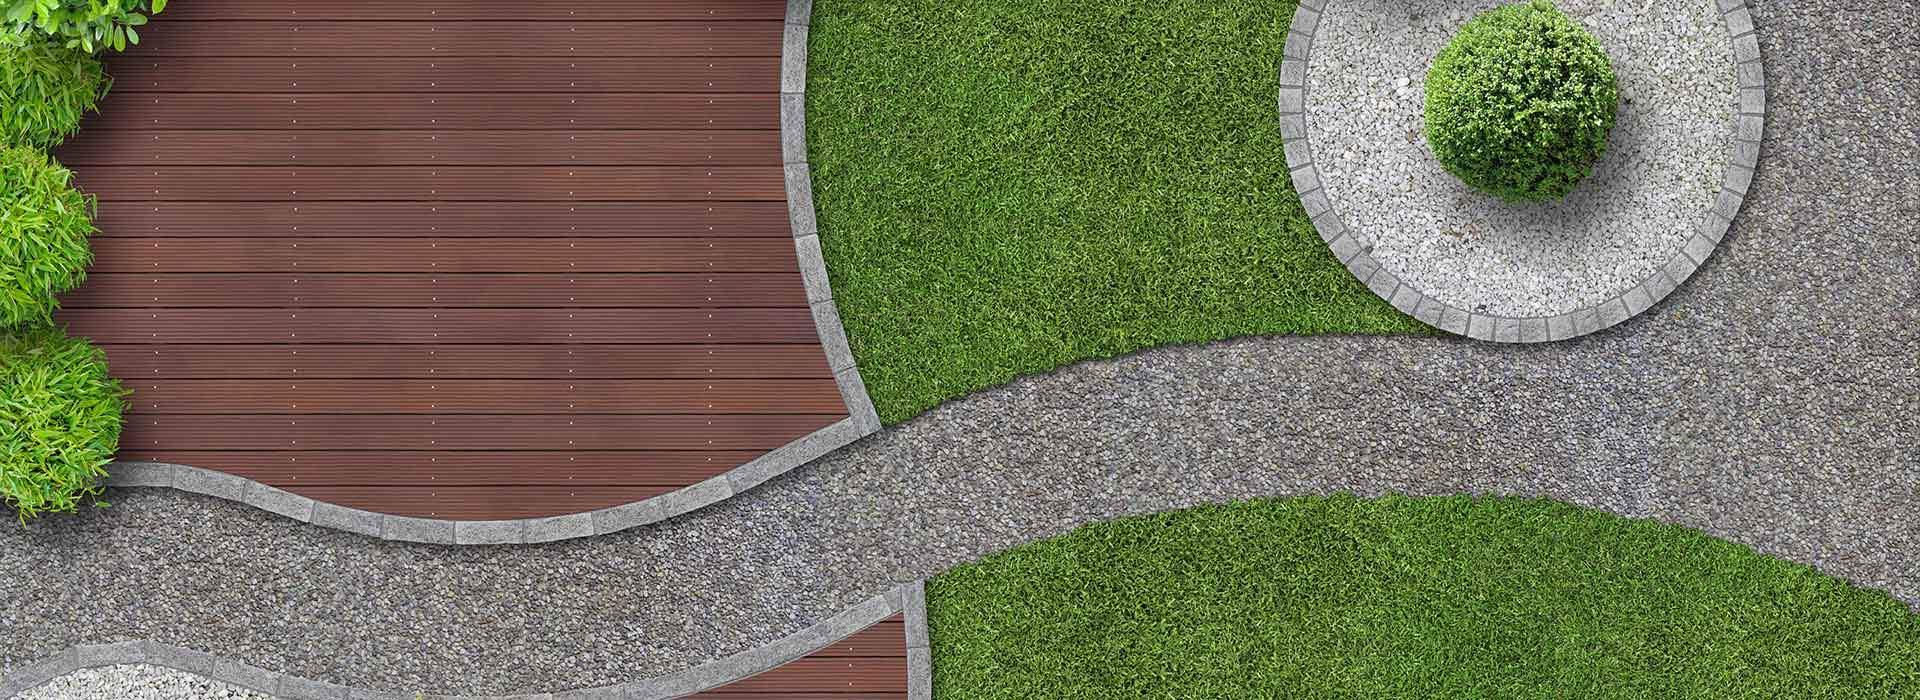 Pflegeleichter Garten Ohne Rasen Das Beste Von Rasen Hasselmann Galabau